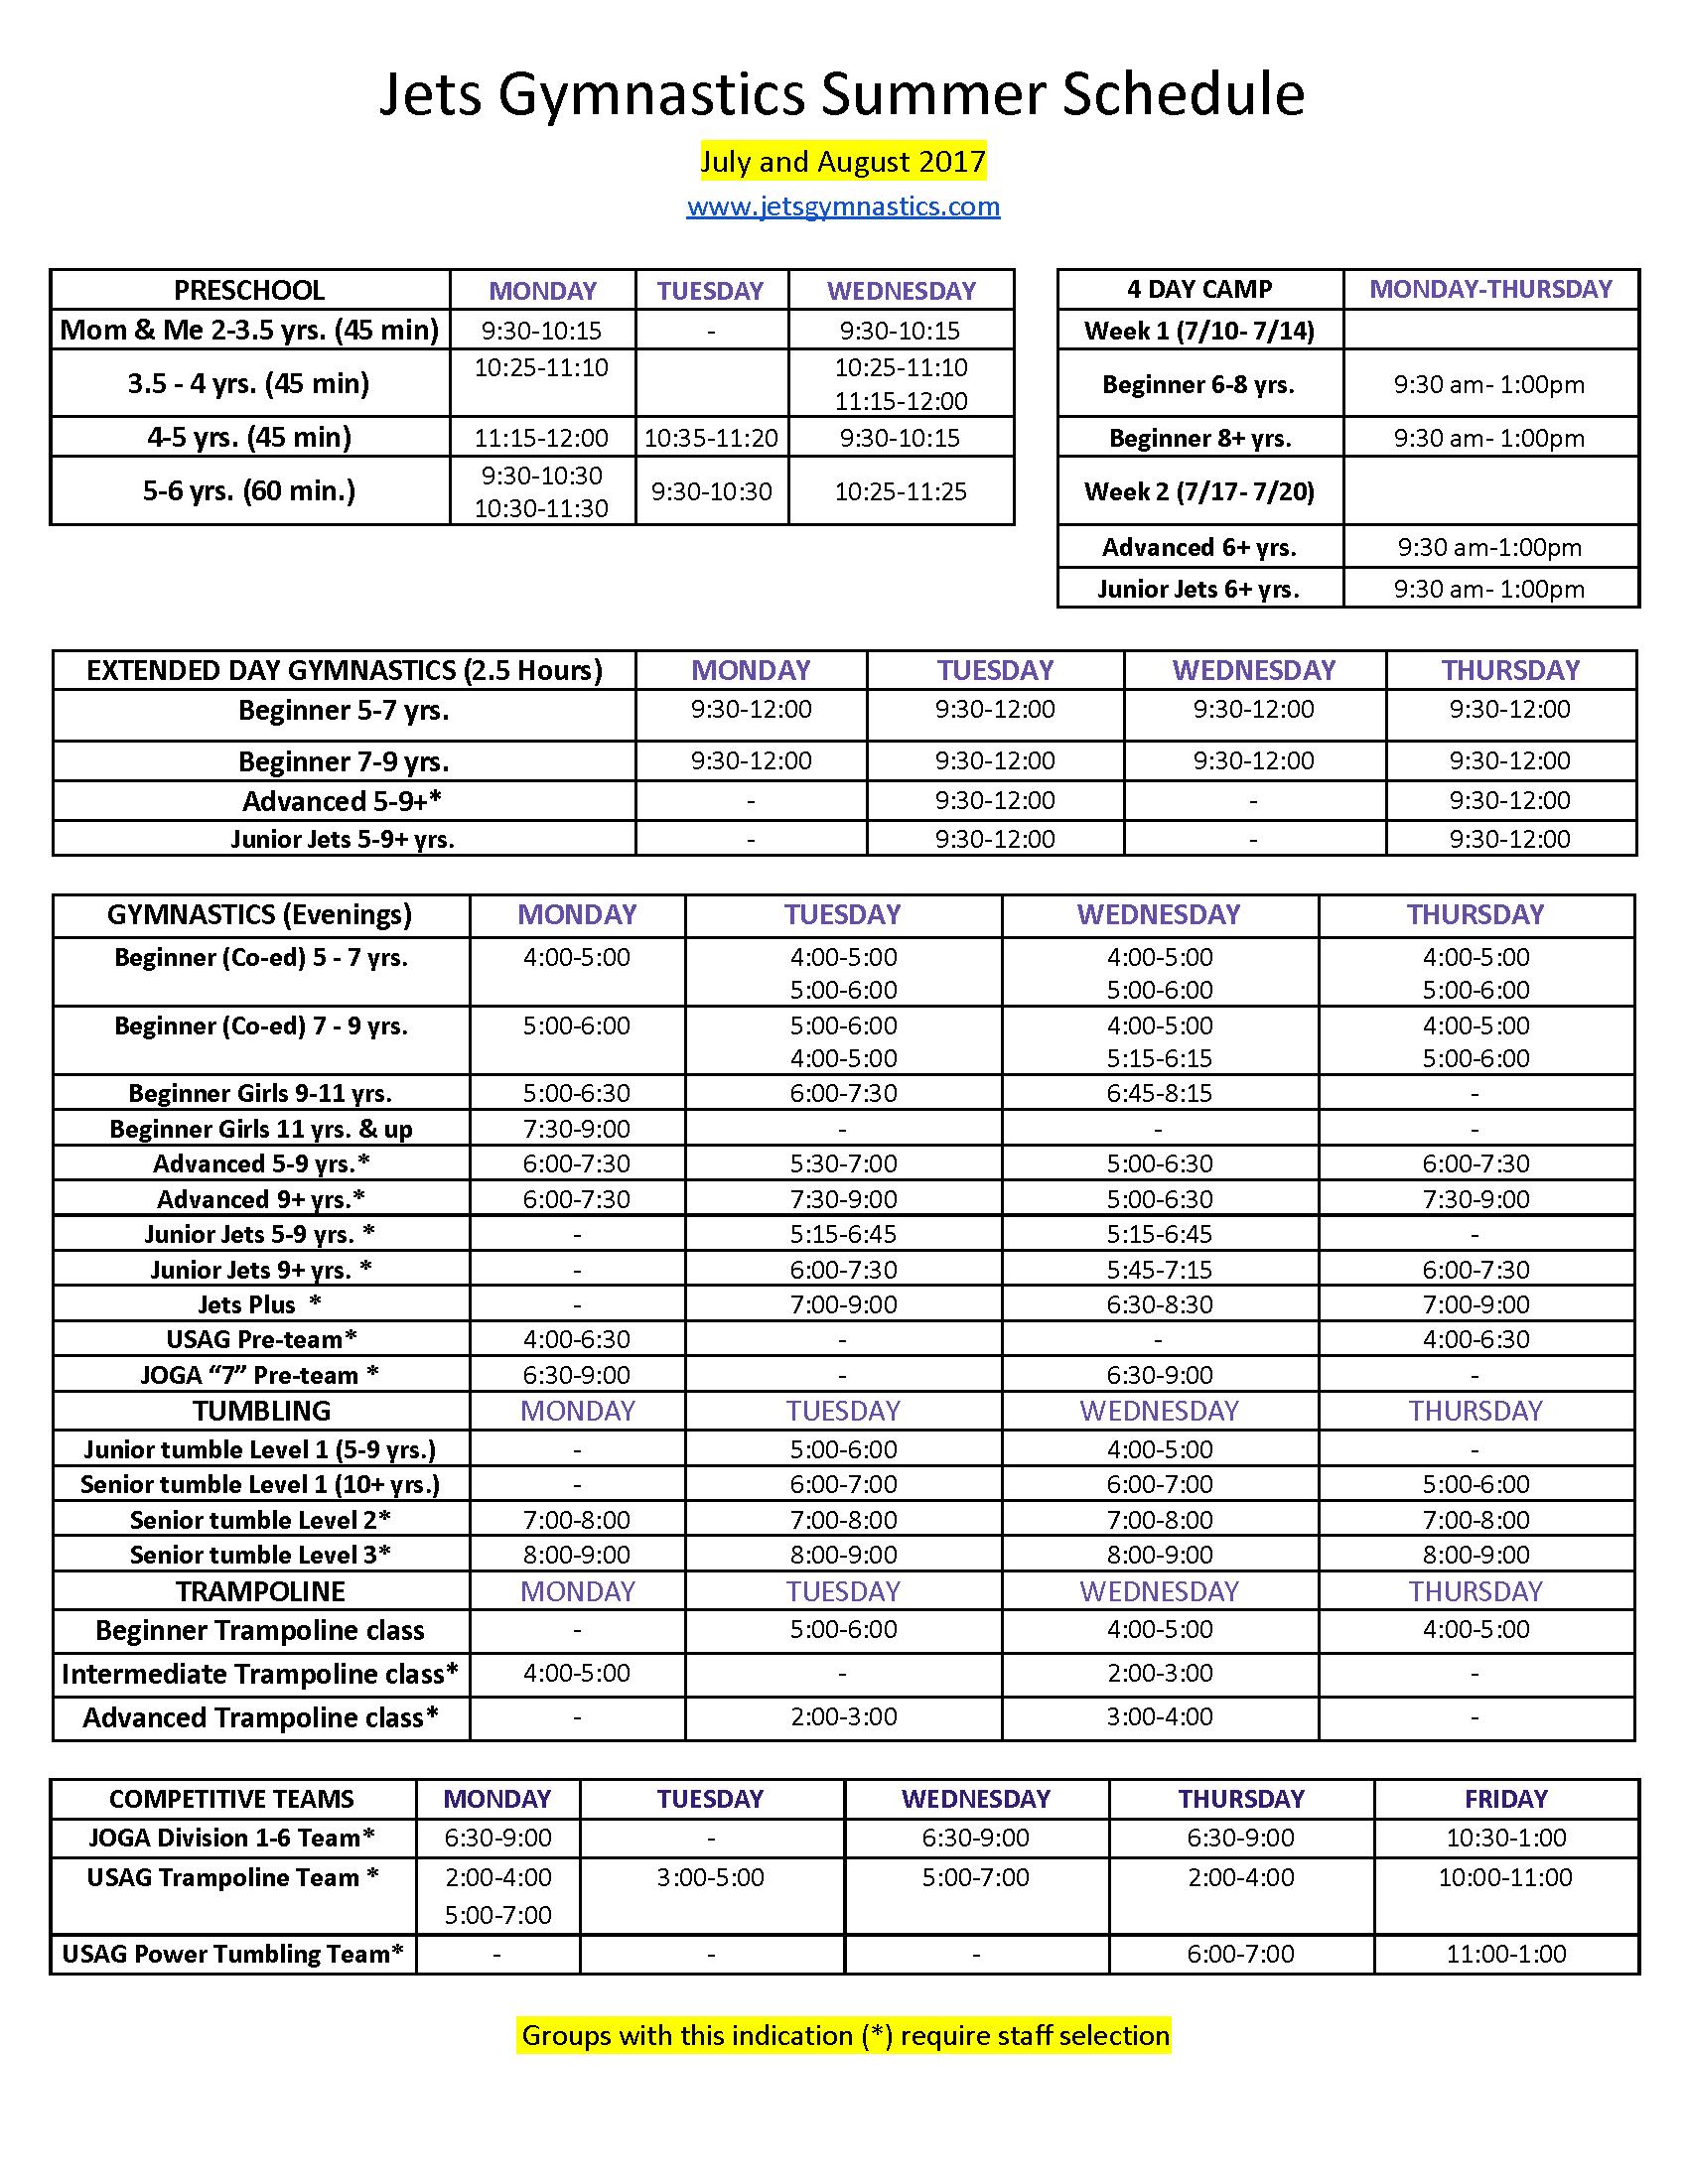 Jets Gymnastics 2017 Summer Schedule